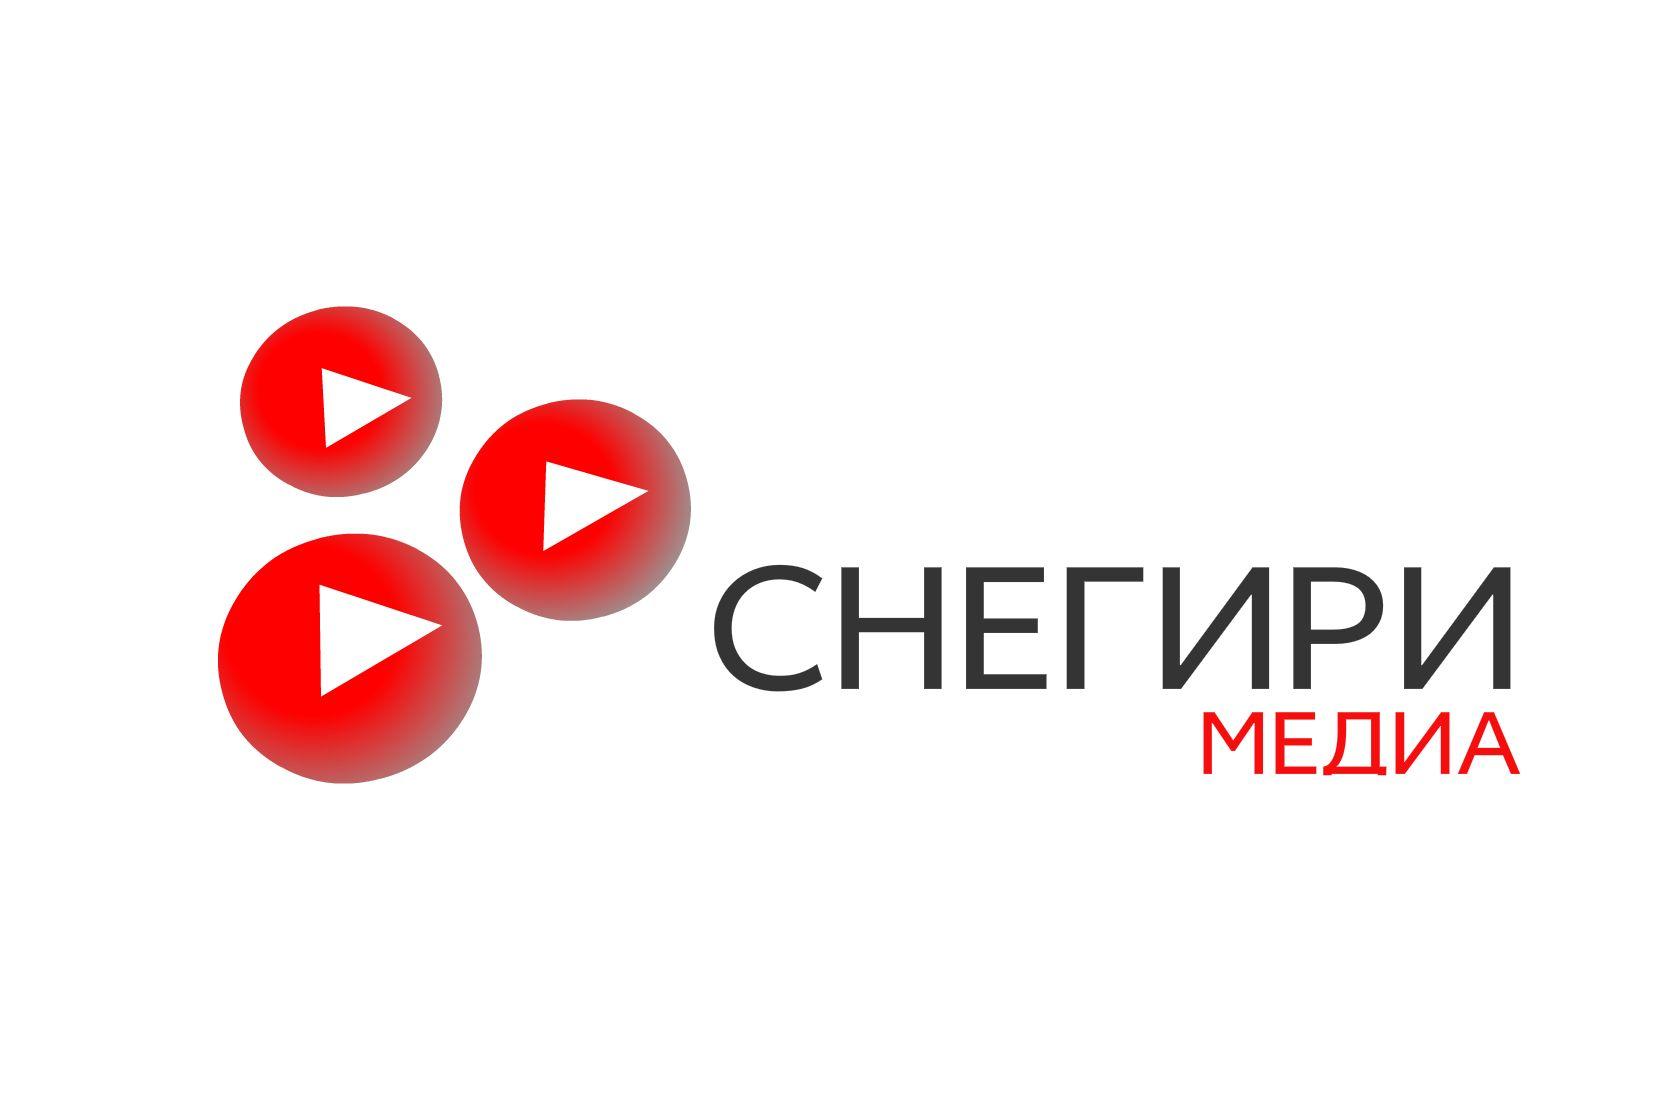 Разработка лого и стиля для рекламной компании - дизайнер flashbrowser